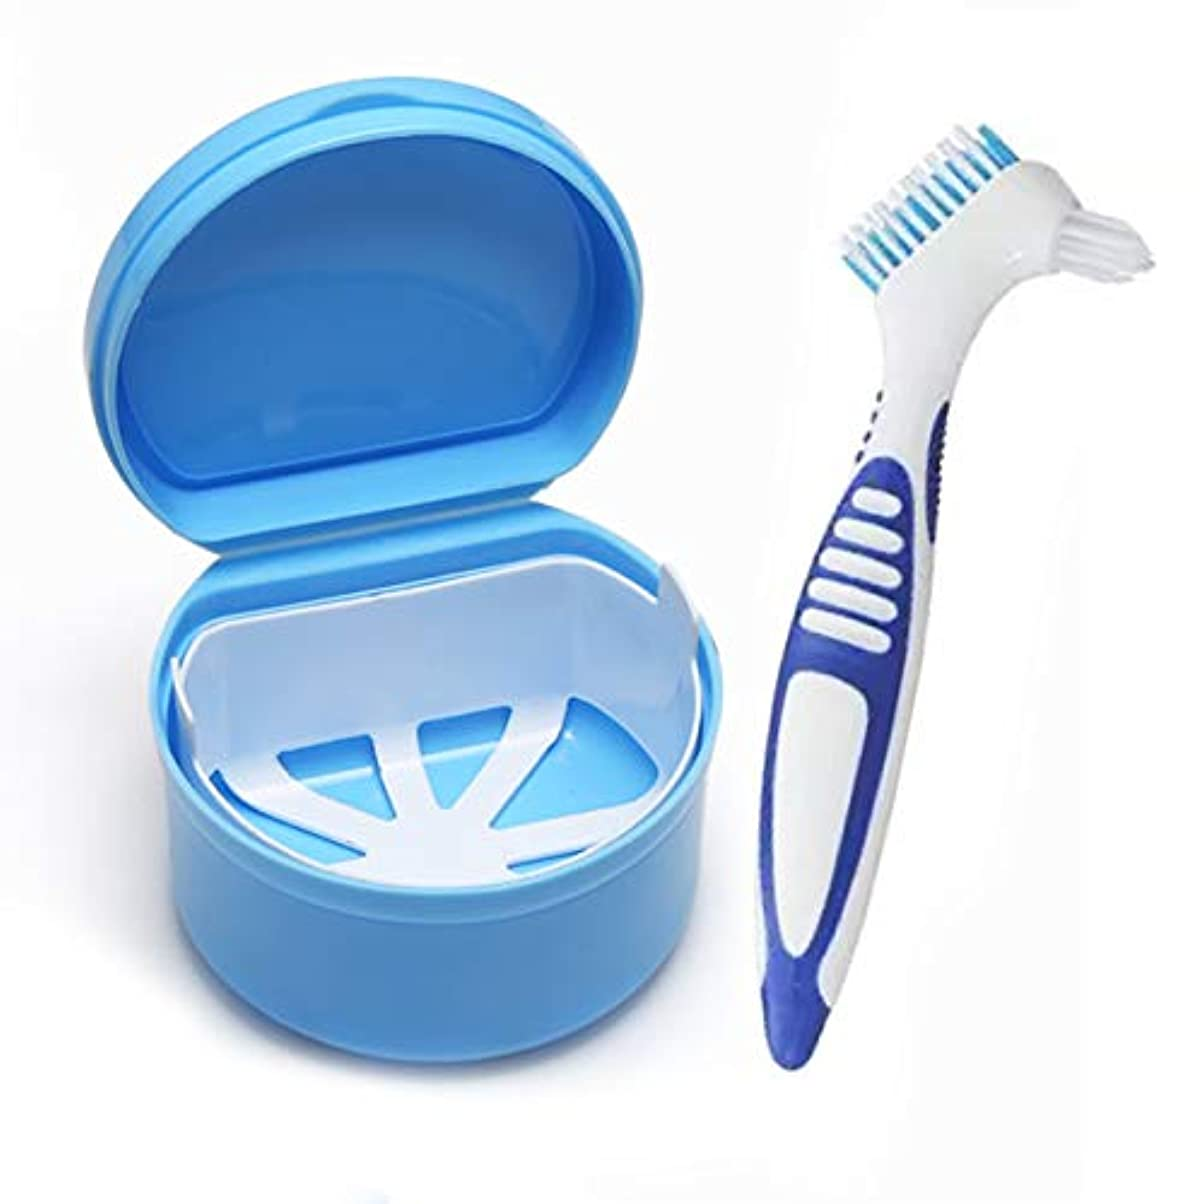 入れ歯ケース 入れ歯収納 義歯ボックス 義歯収納容器 リテーナーボックス 旅行用 携帯用 ポータブル 防水 軽量 (入れ歯ケース+入れ歯用ブラシ)セット (青い)